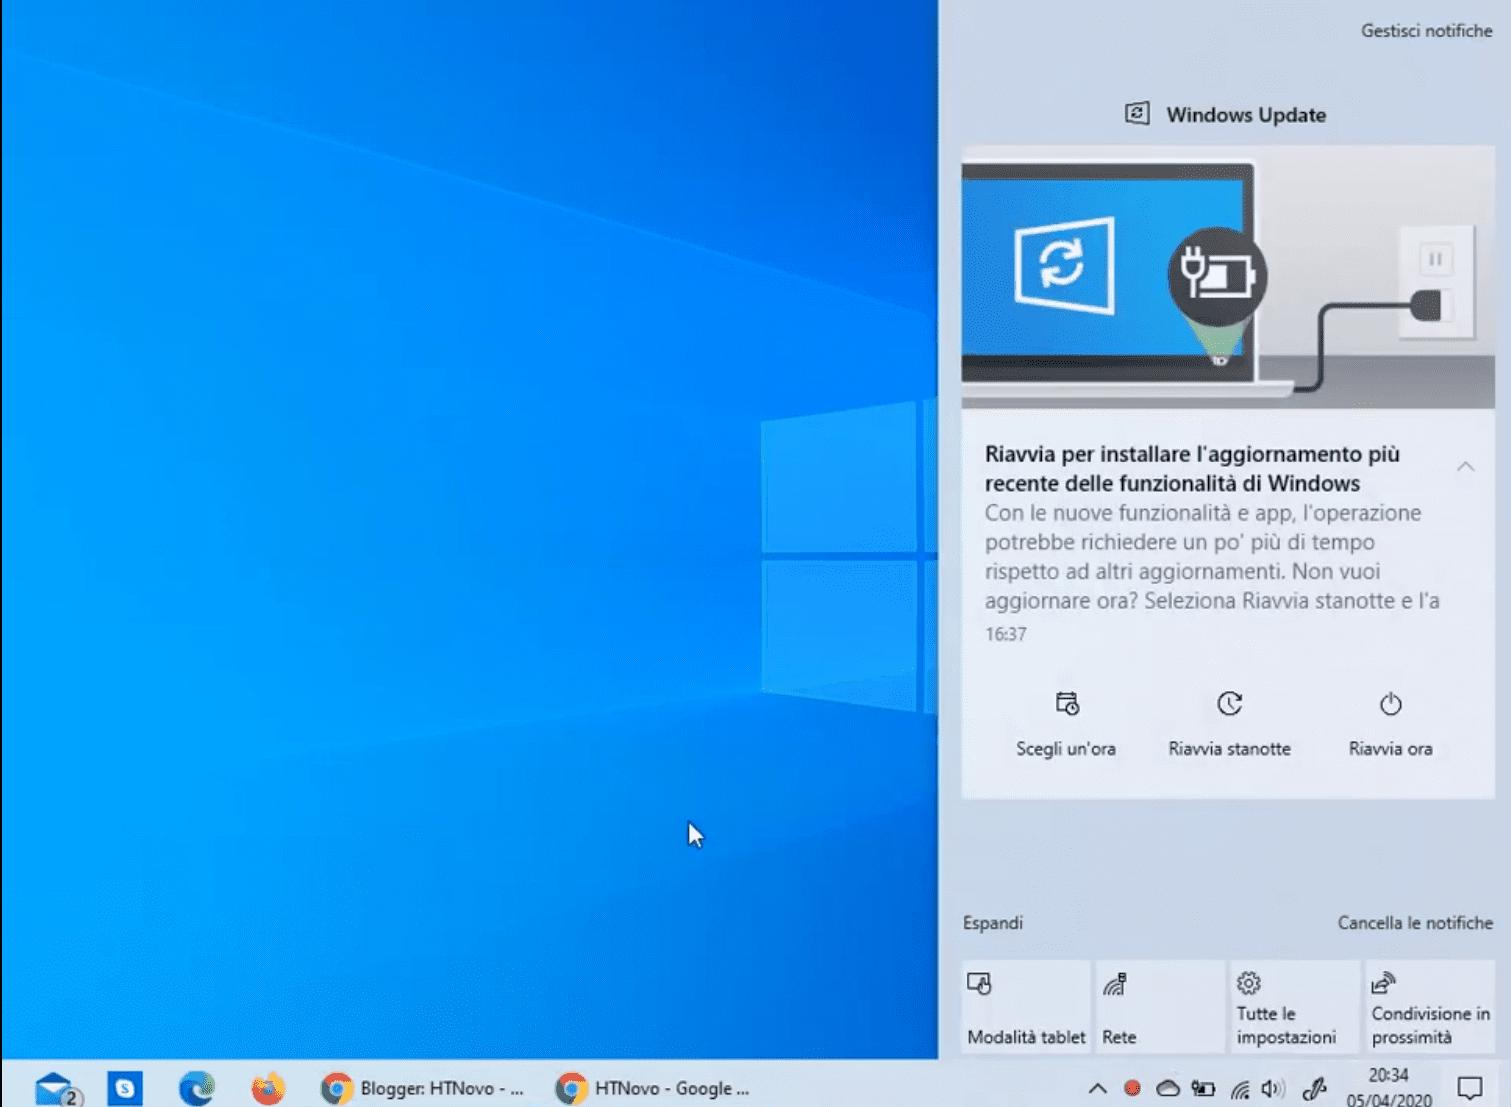 Windows Update notification now much better in Windows 10 2004 1